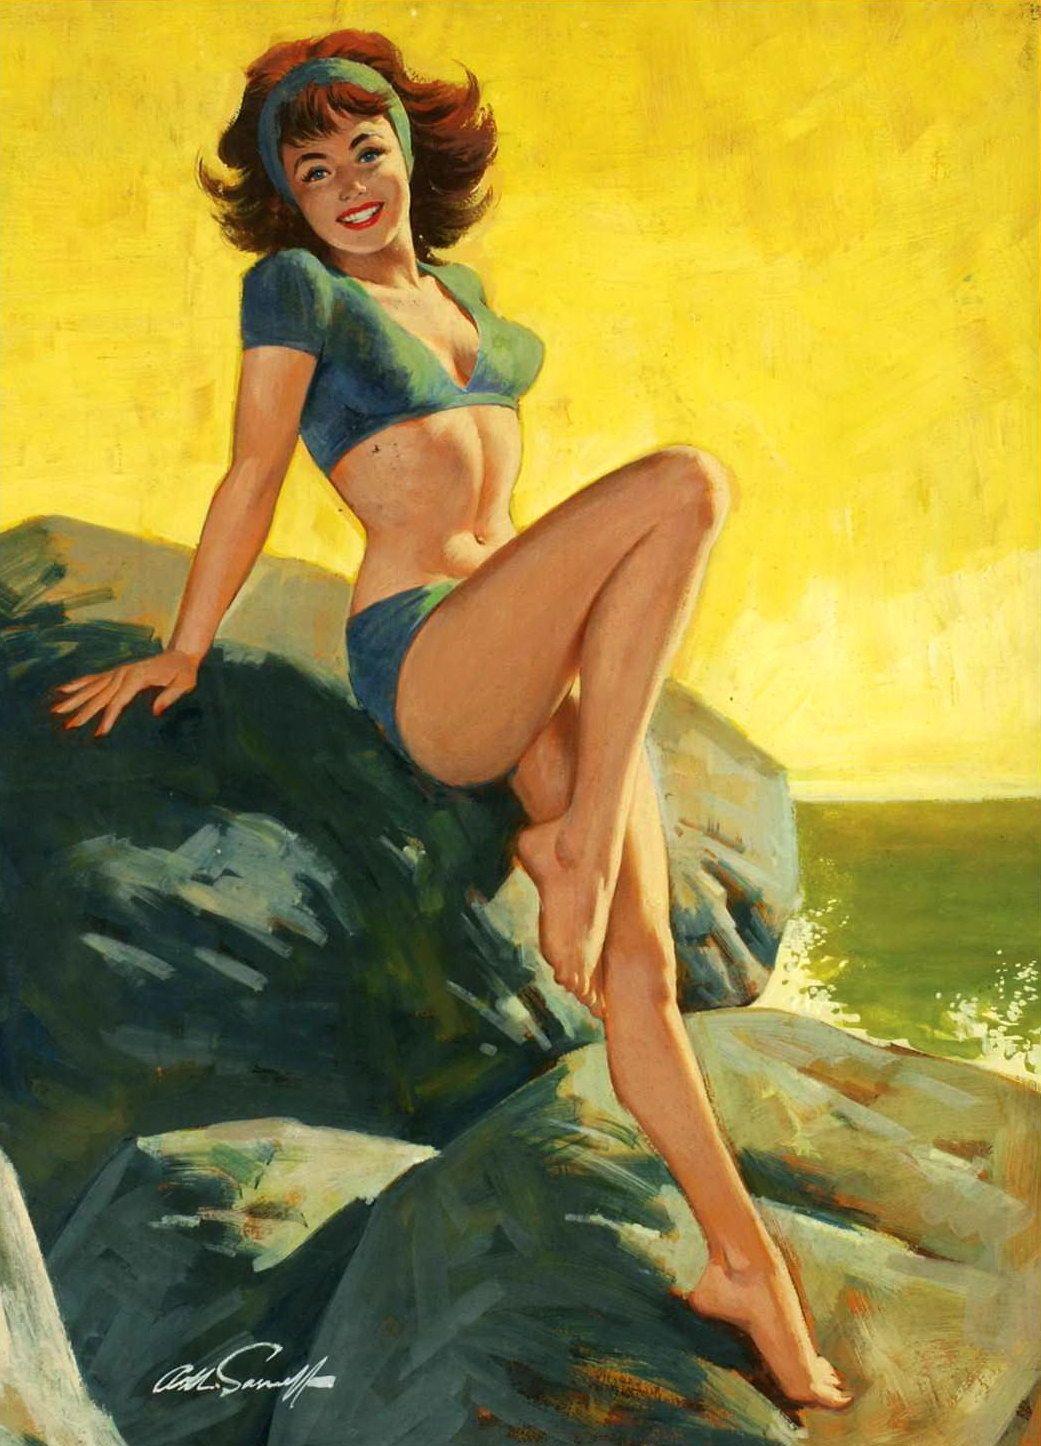 Пин ап открытка 1960